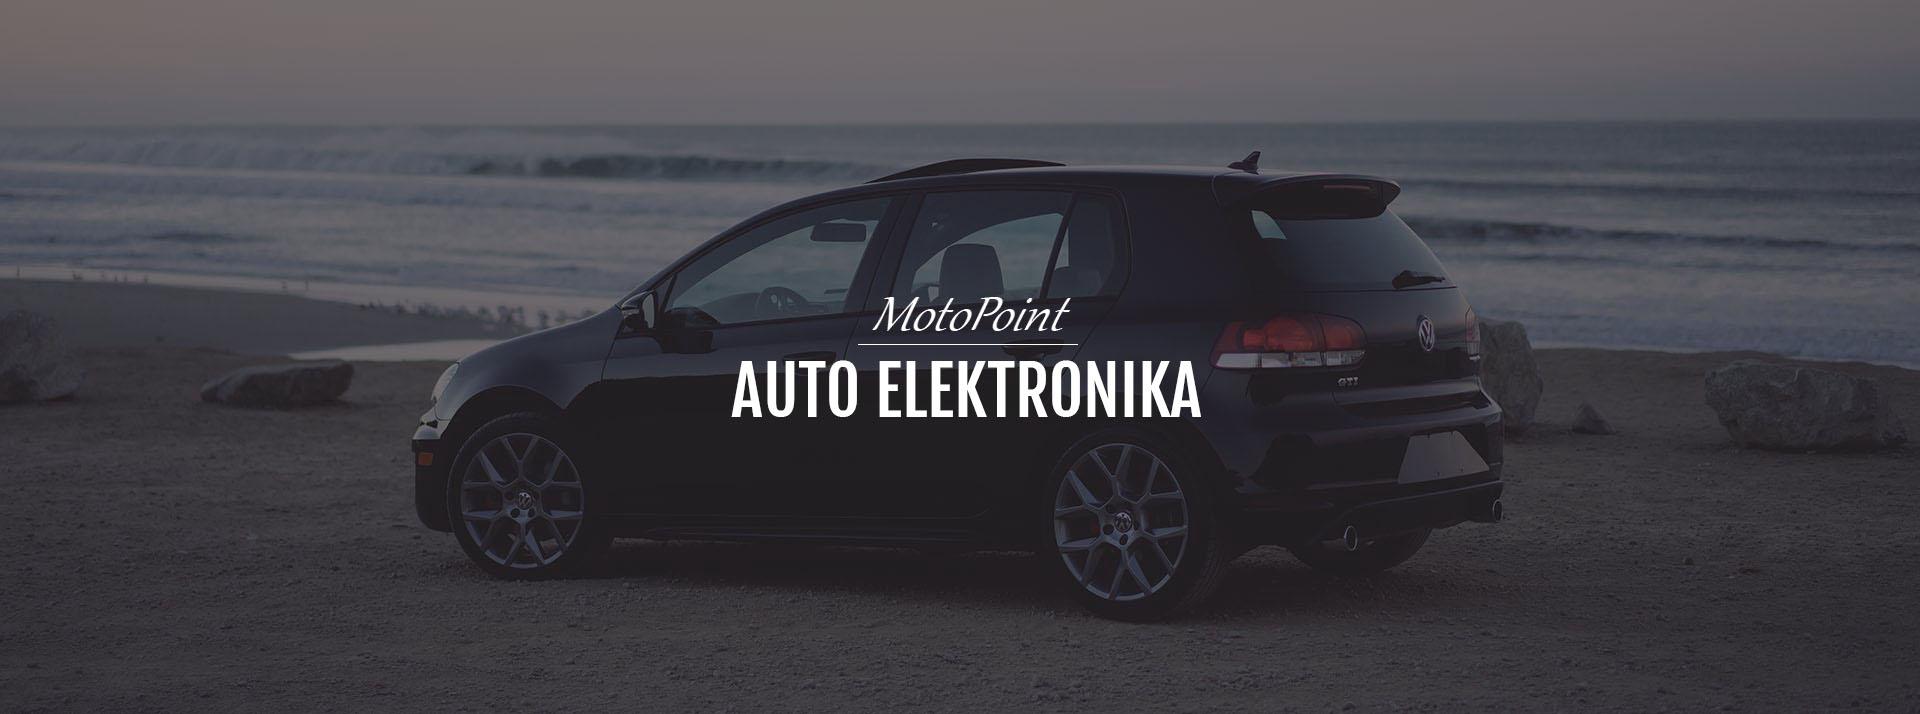 autoelktronika-rijeka-motopoint